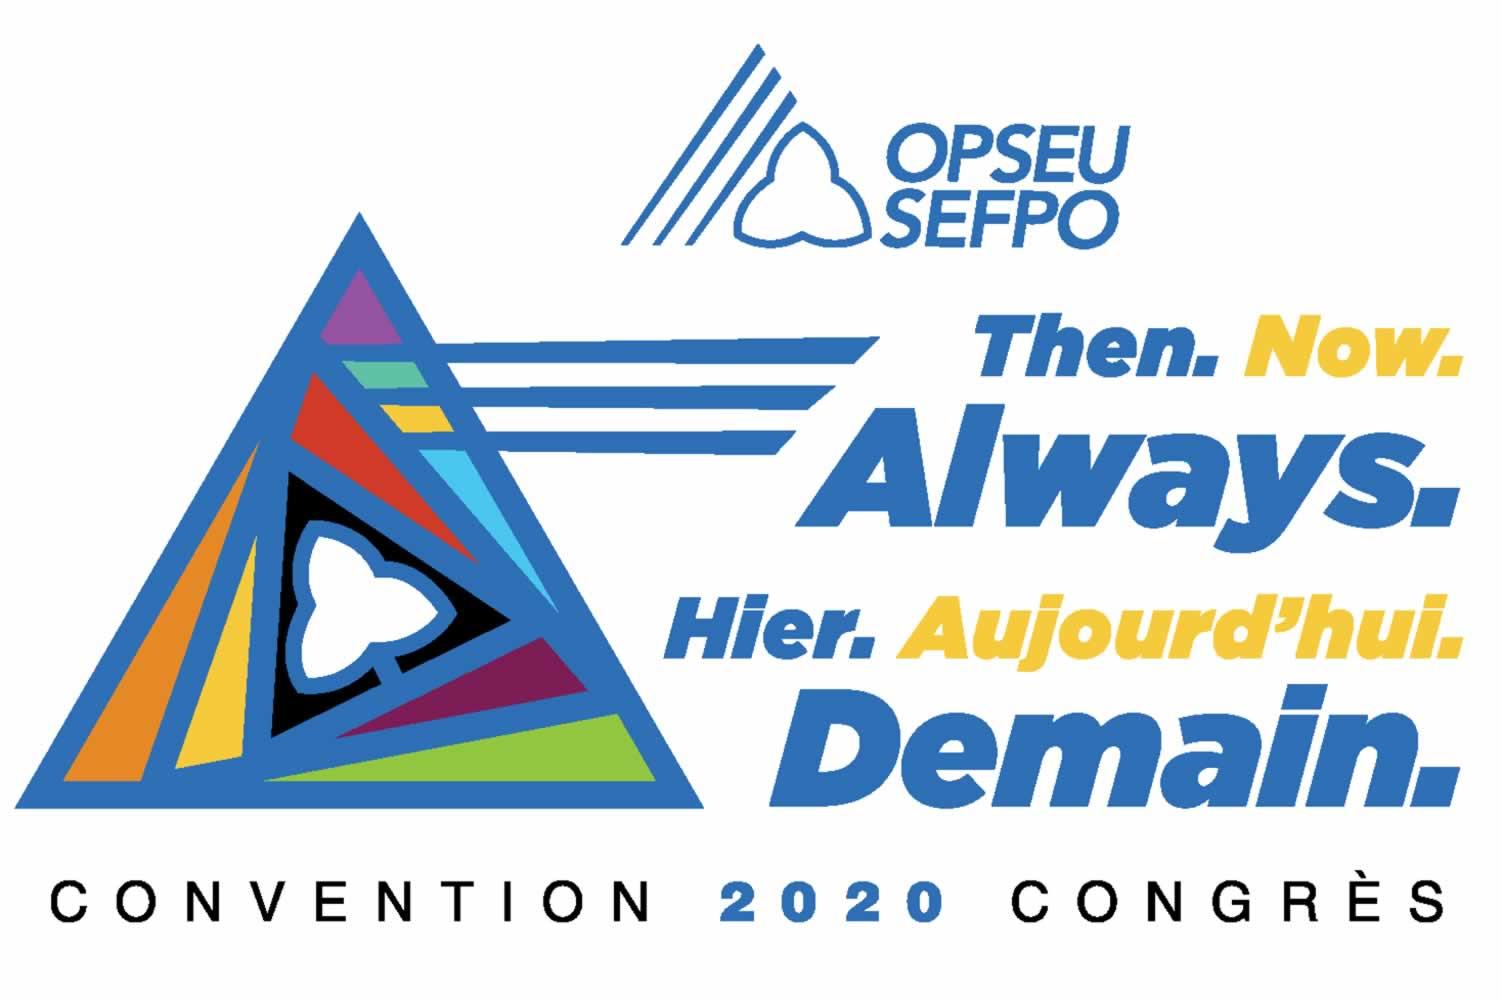 Convention 2020 Congres. Then. Now. Always. Heir. Aujourd'hi. Demain